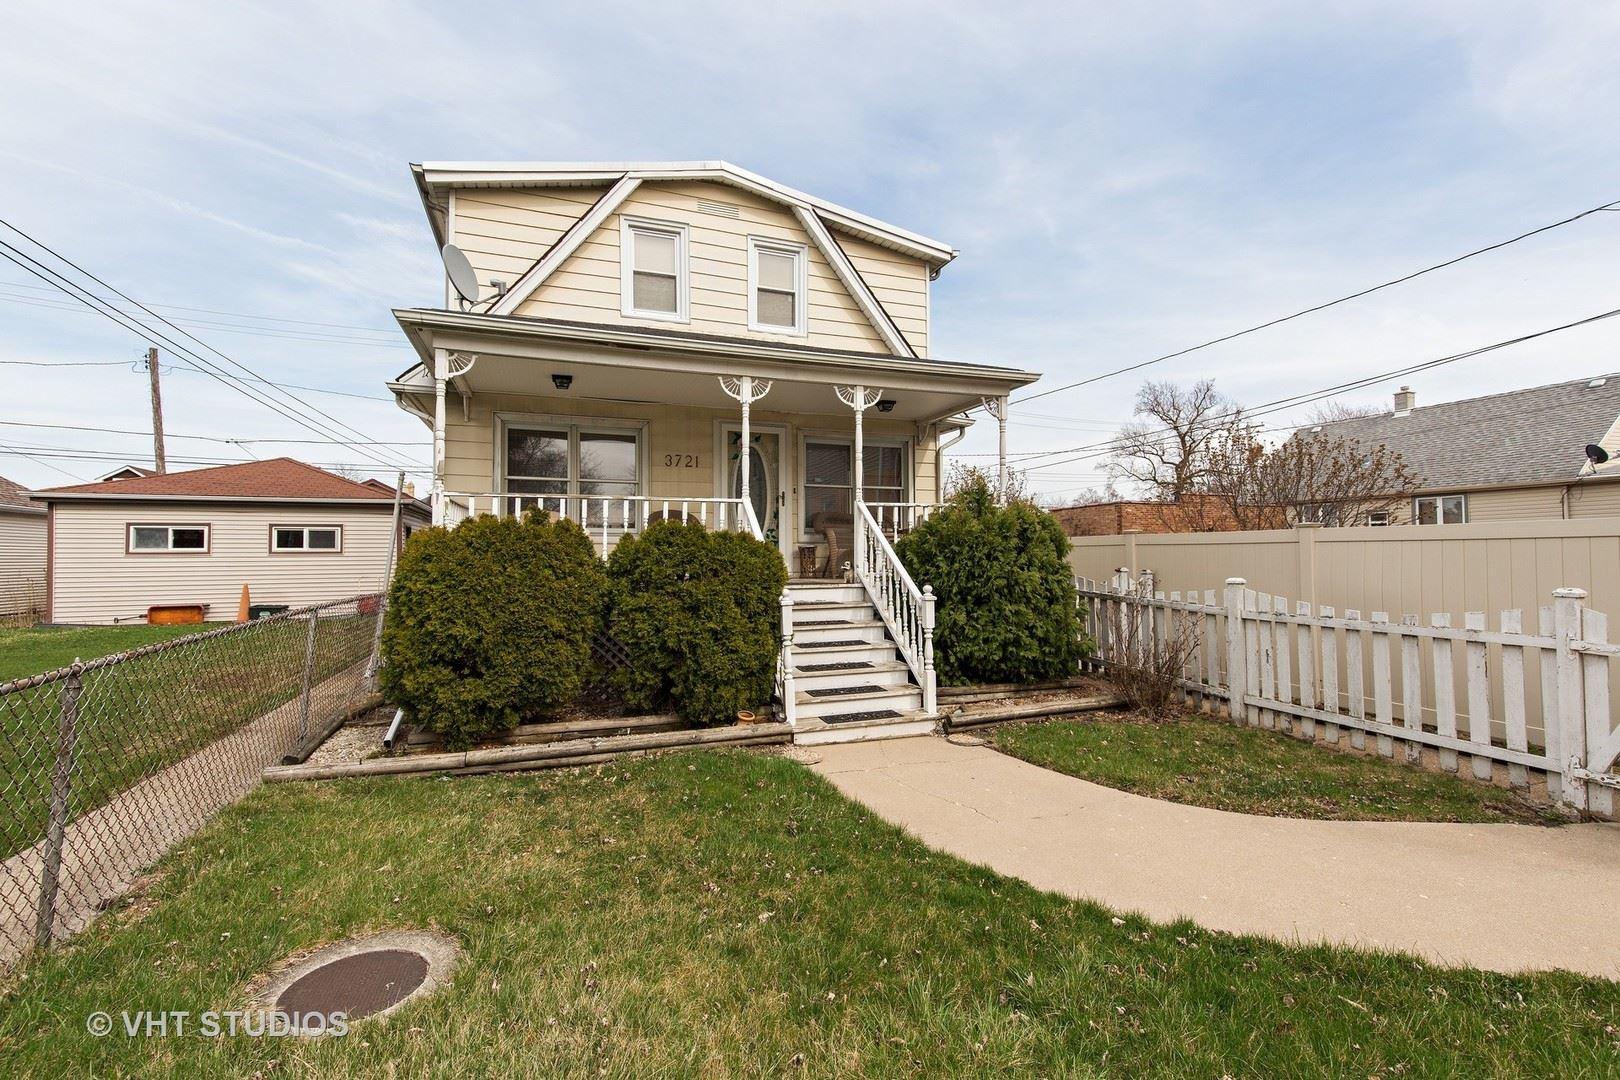 3721 N Ottawa Avenue, Chicago, IL 60634 - #: 10675516